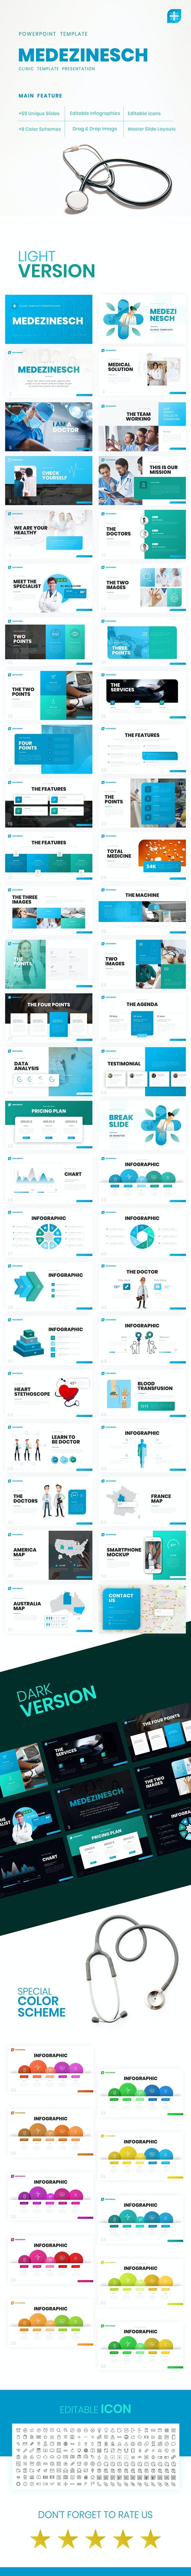 Medezinesch - Medical PowerPoint Template - PowerPoint Templates Presentation Templates